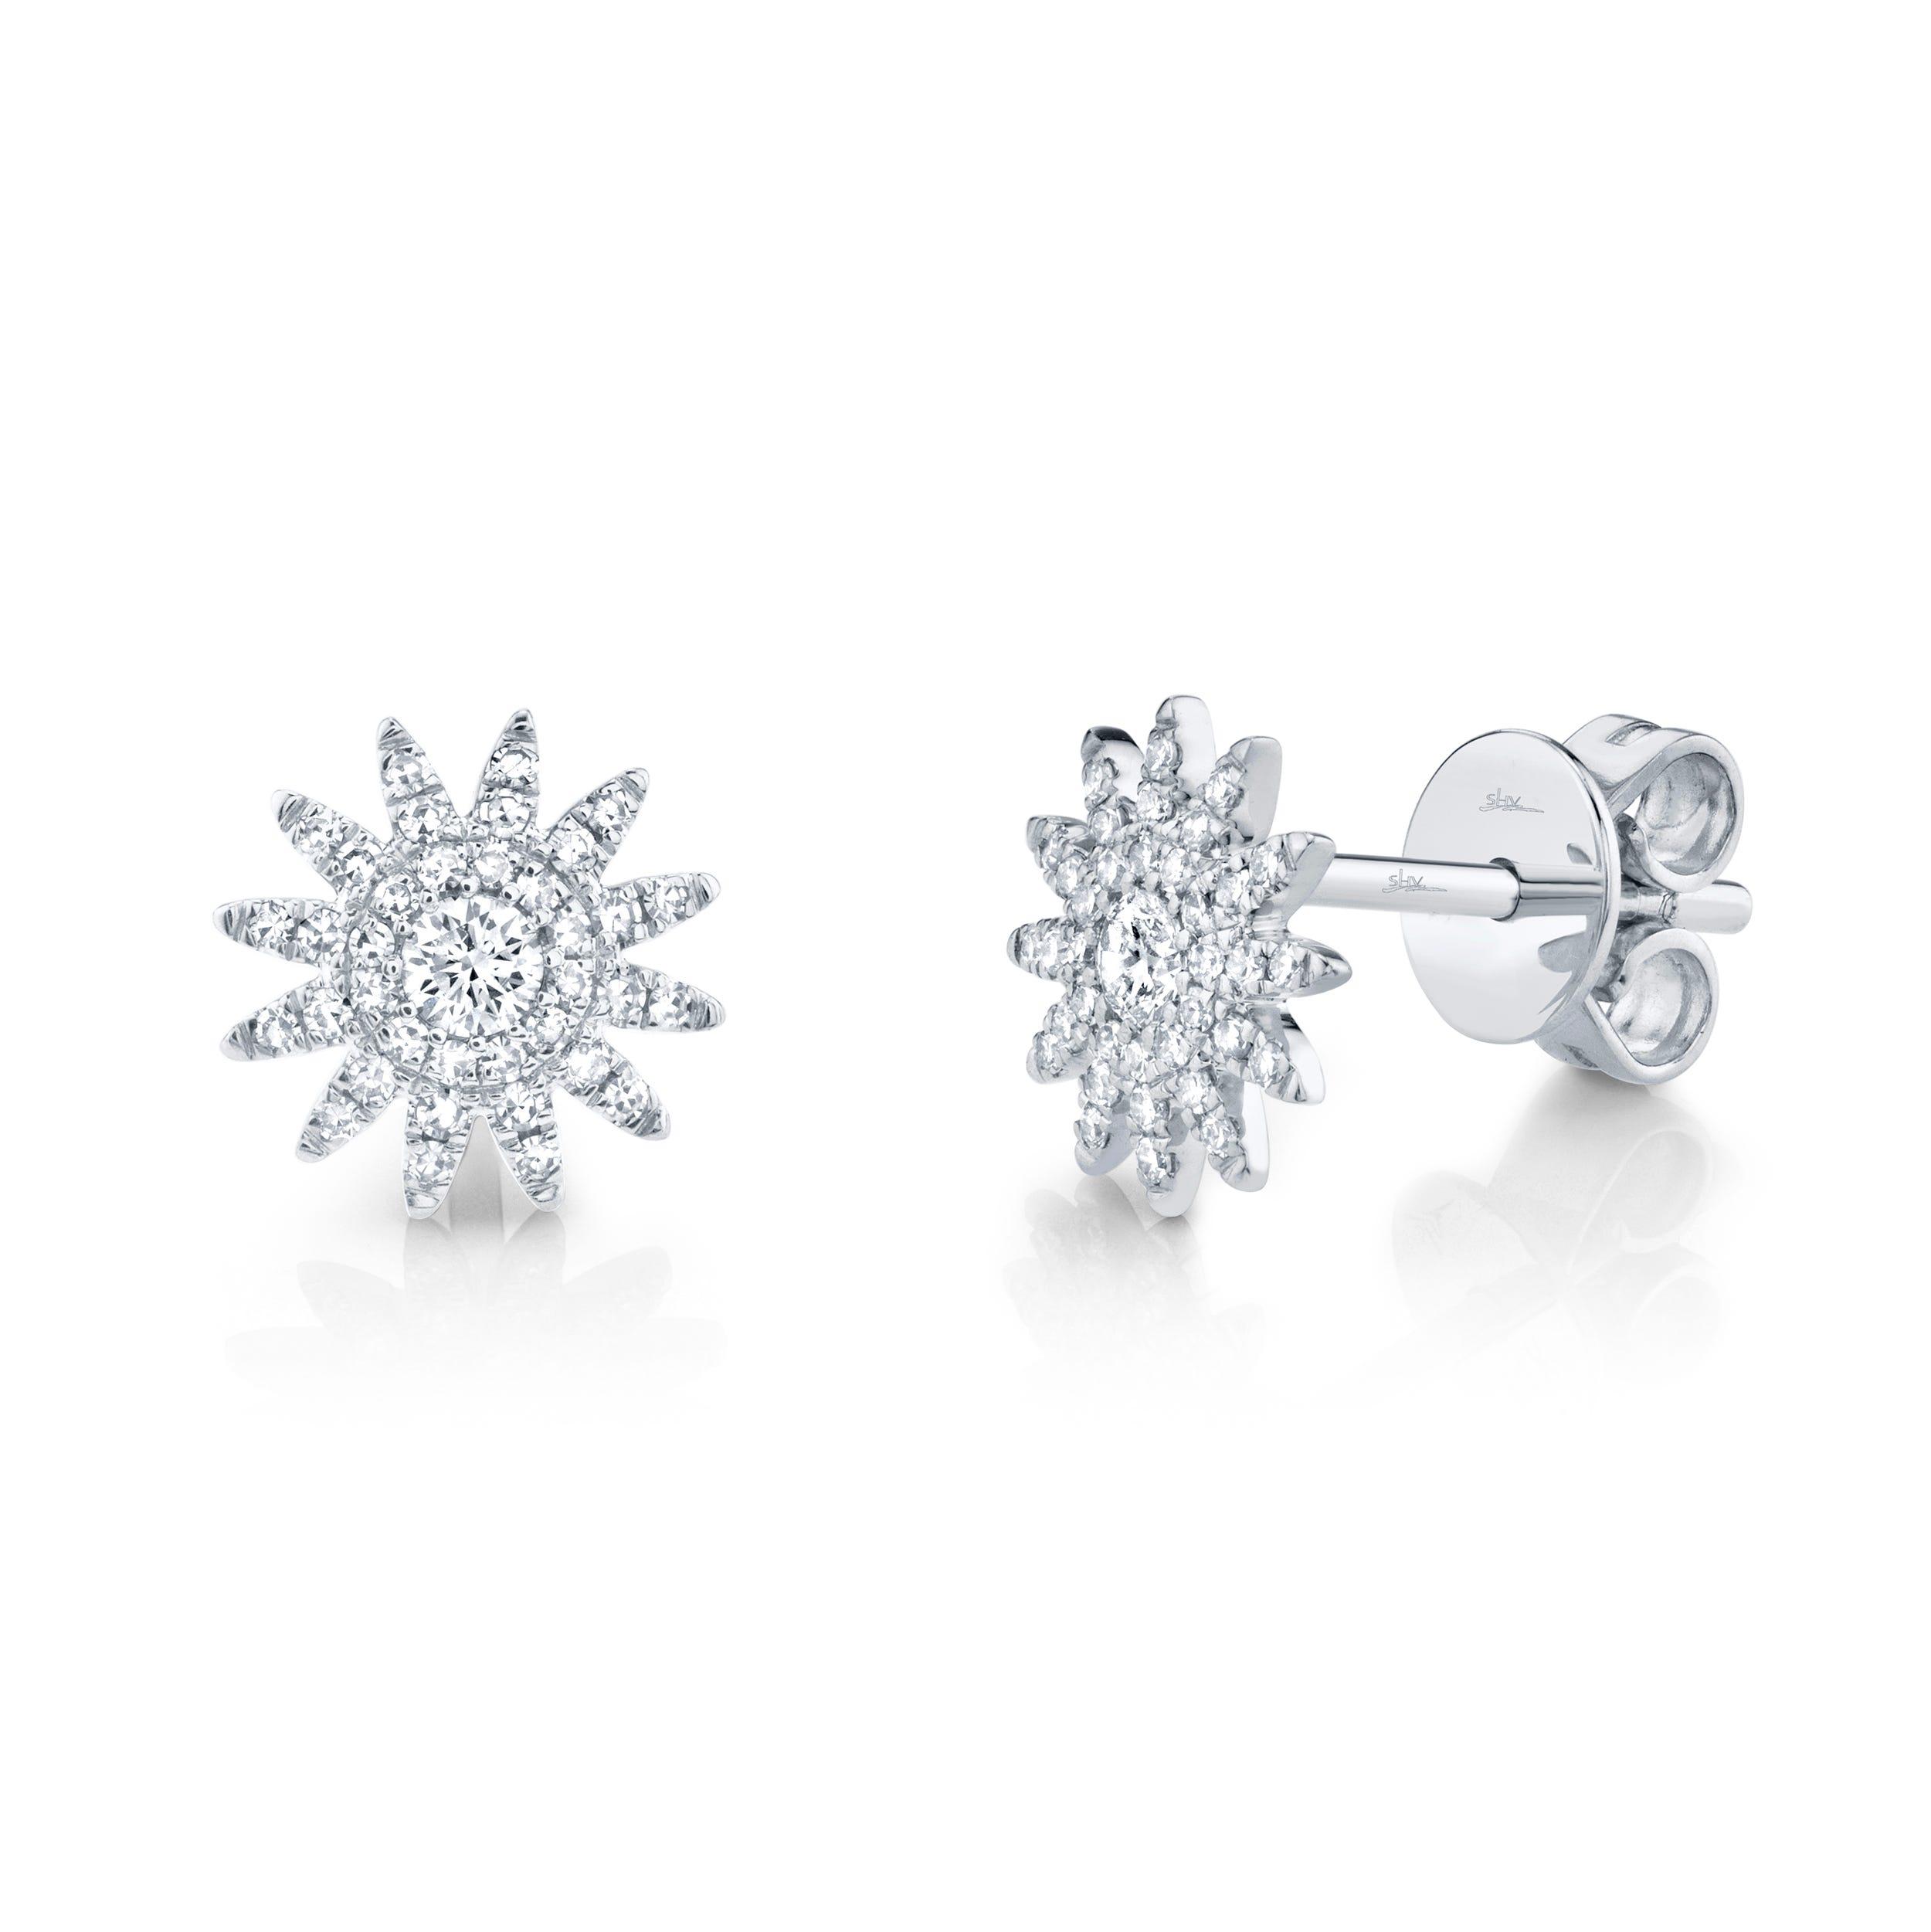 Shy Creation: Diamond Starburst Earrings in 14k White Gold